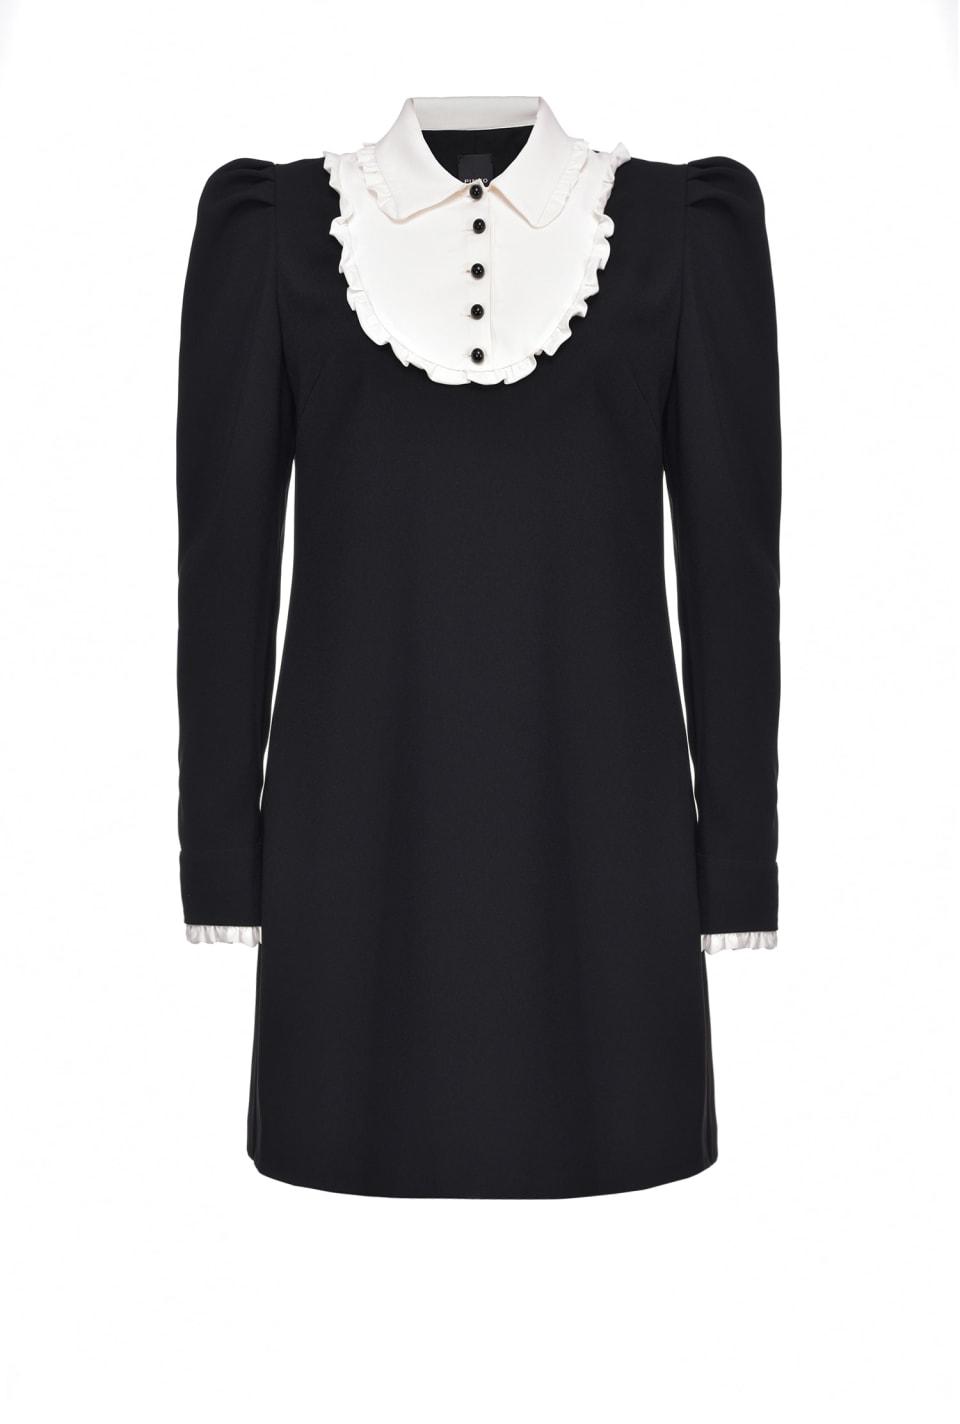 Kleid mit Kontrastkragen - Pinko